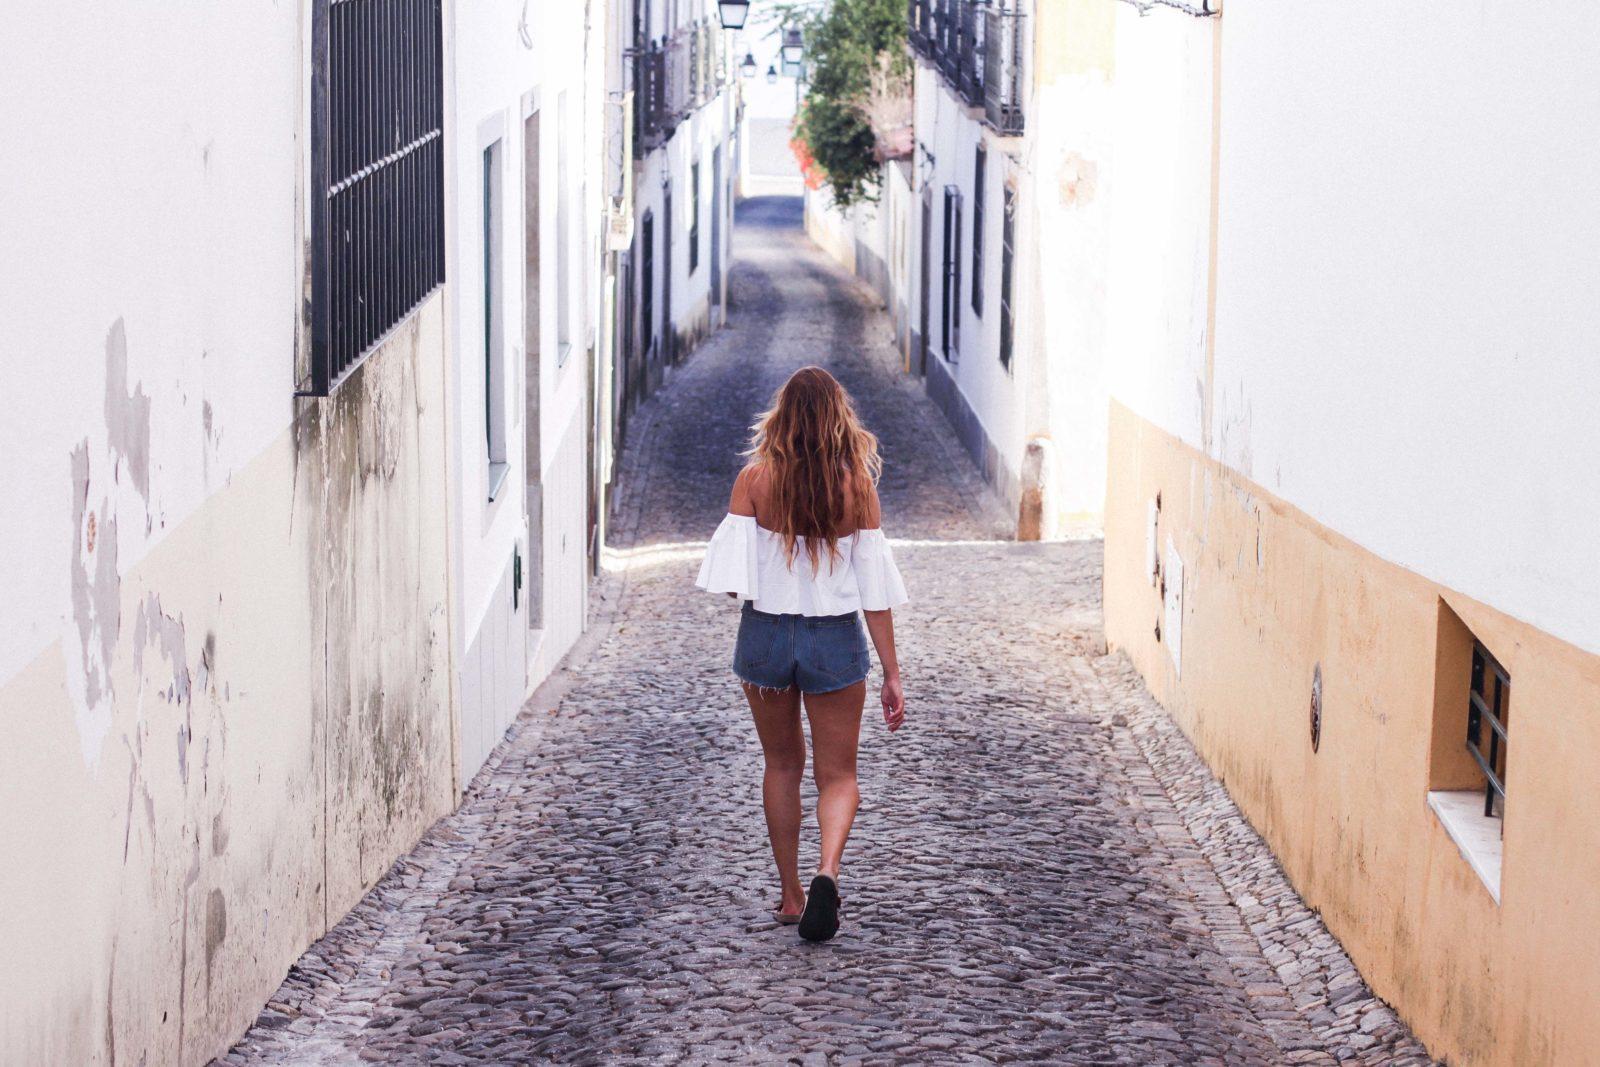 Birkenstock Isabel Marant shorts hombros al aire Evora Portugal